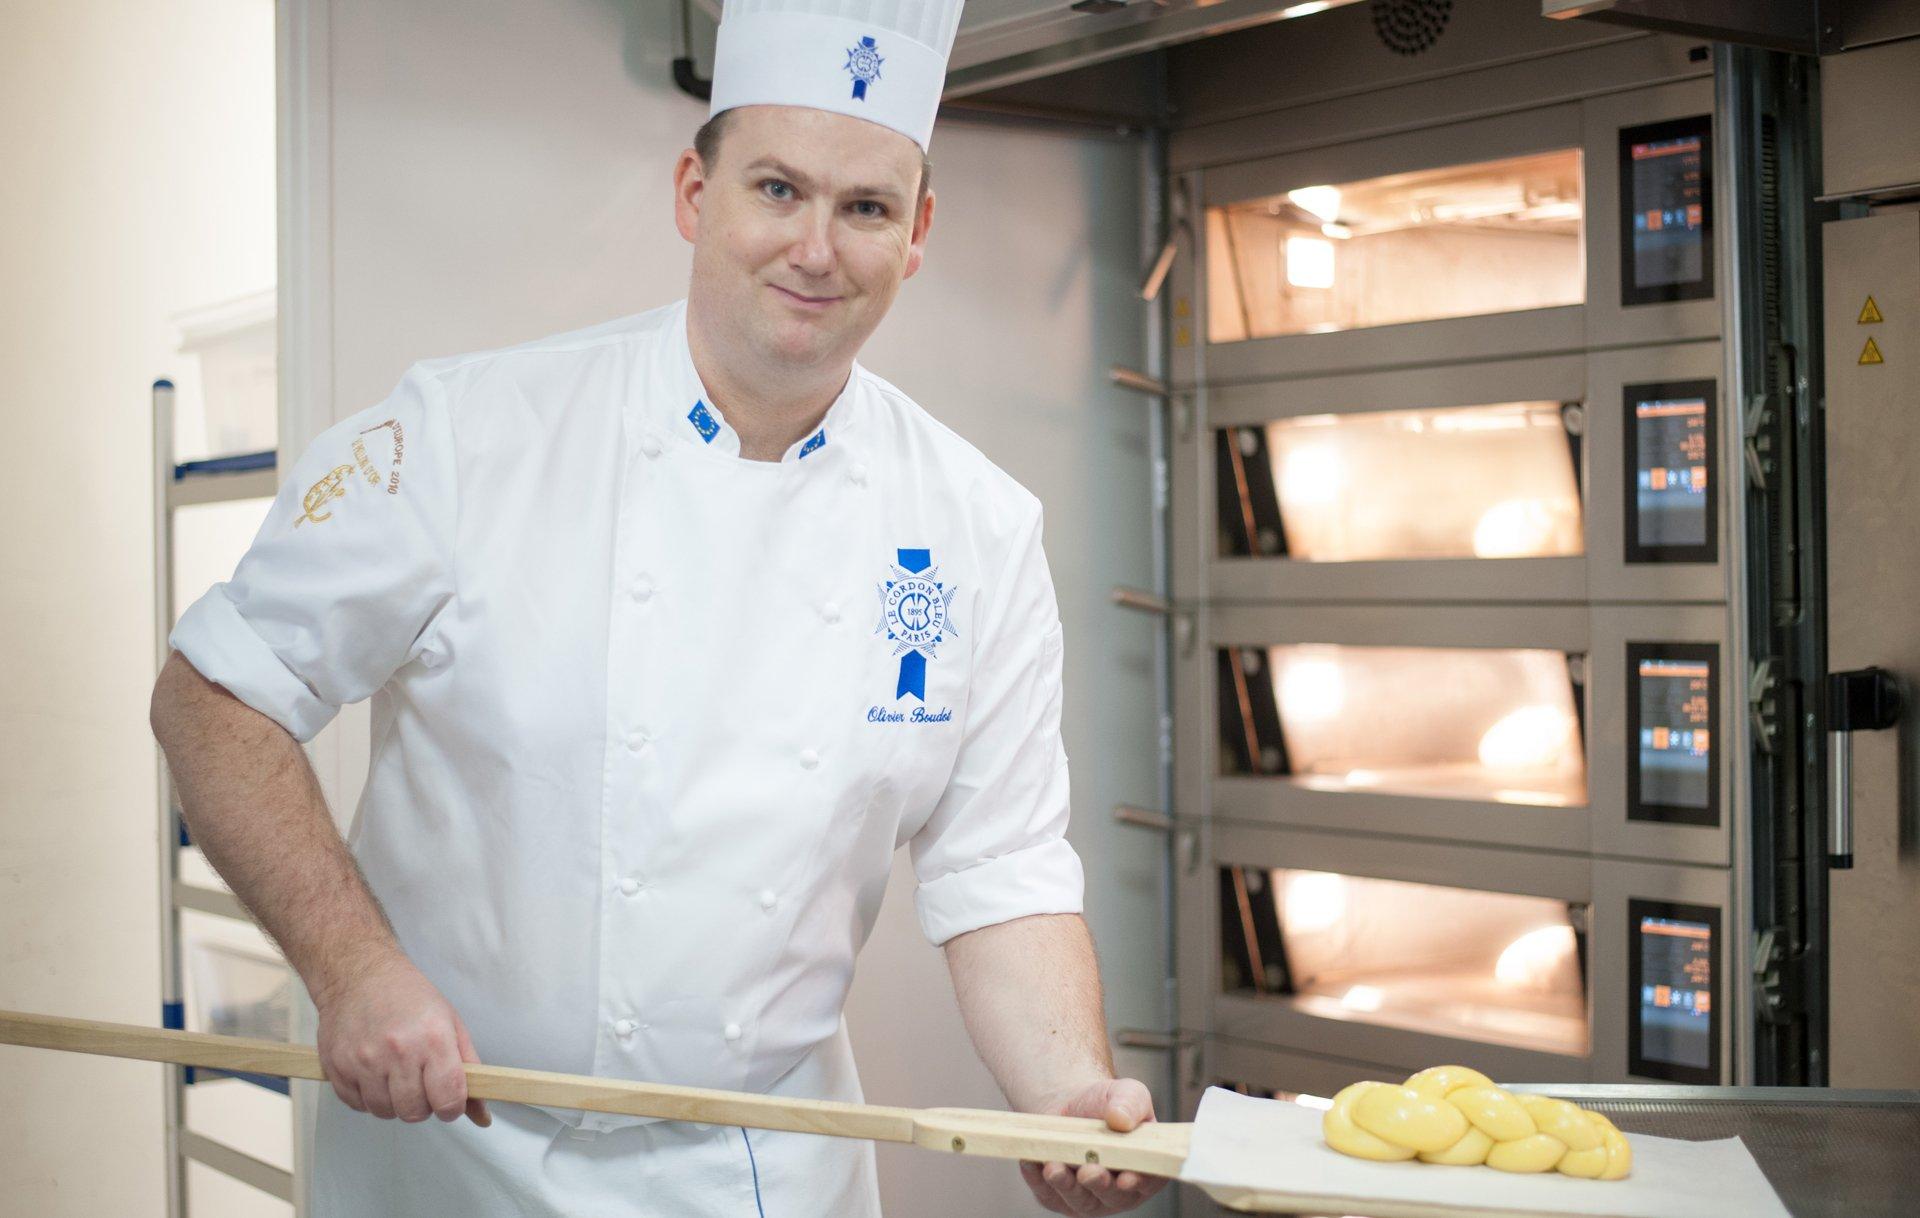 Chef Boudot, Diplôme de Boulangerie